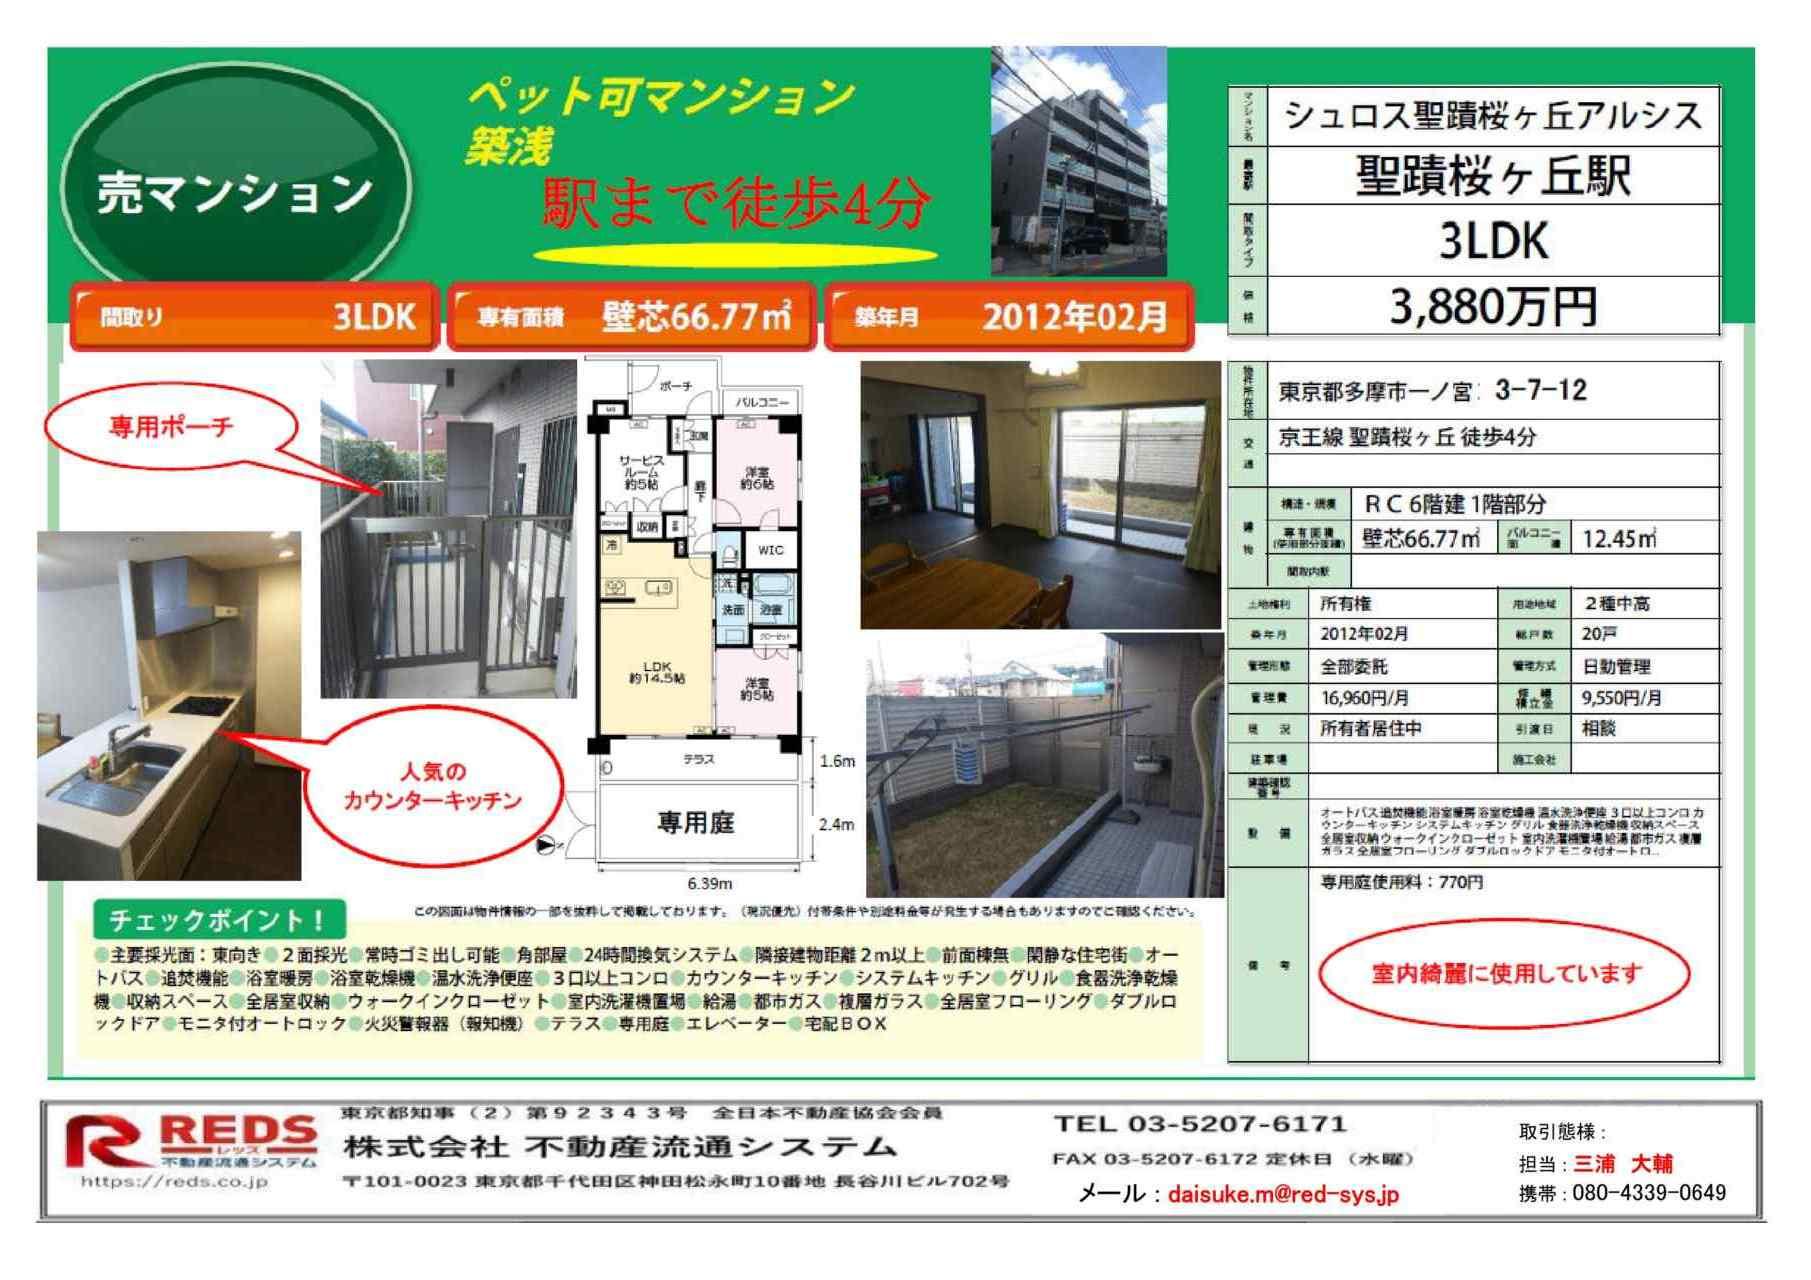 シュロス聖蹟桜ヶ丘アルシス、1階、3880万円